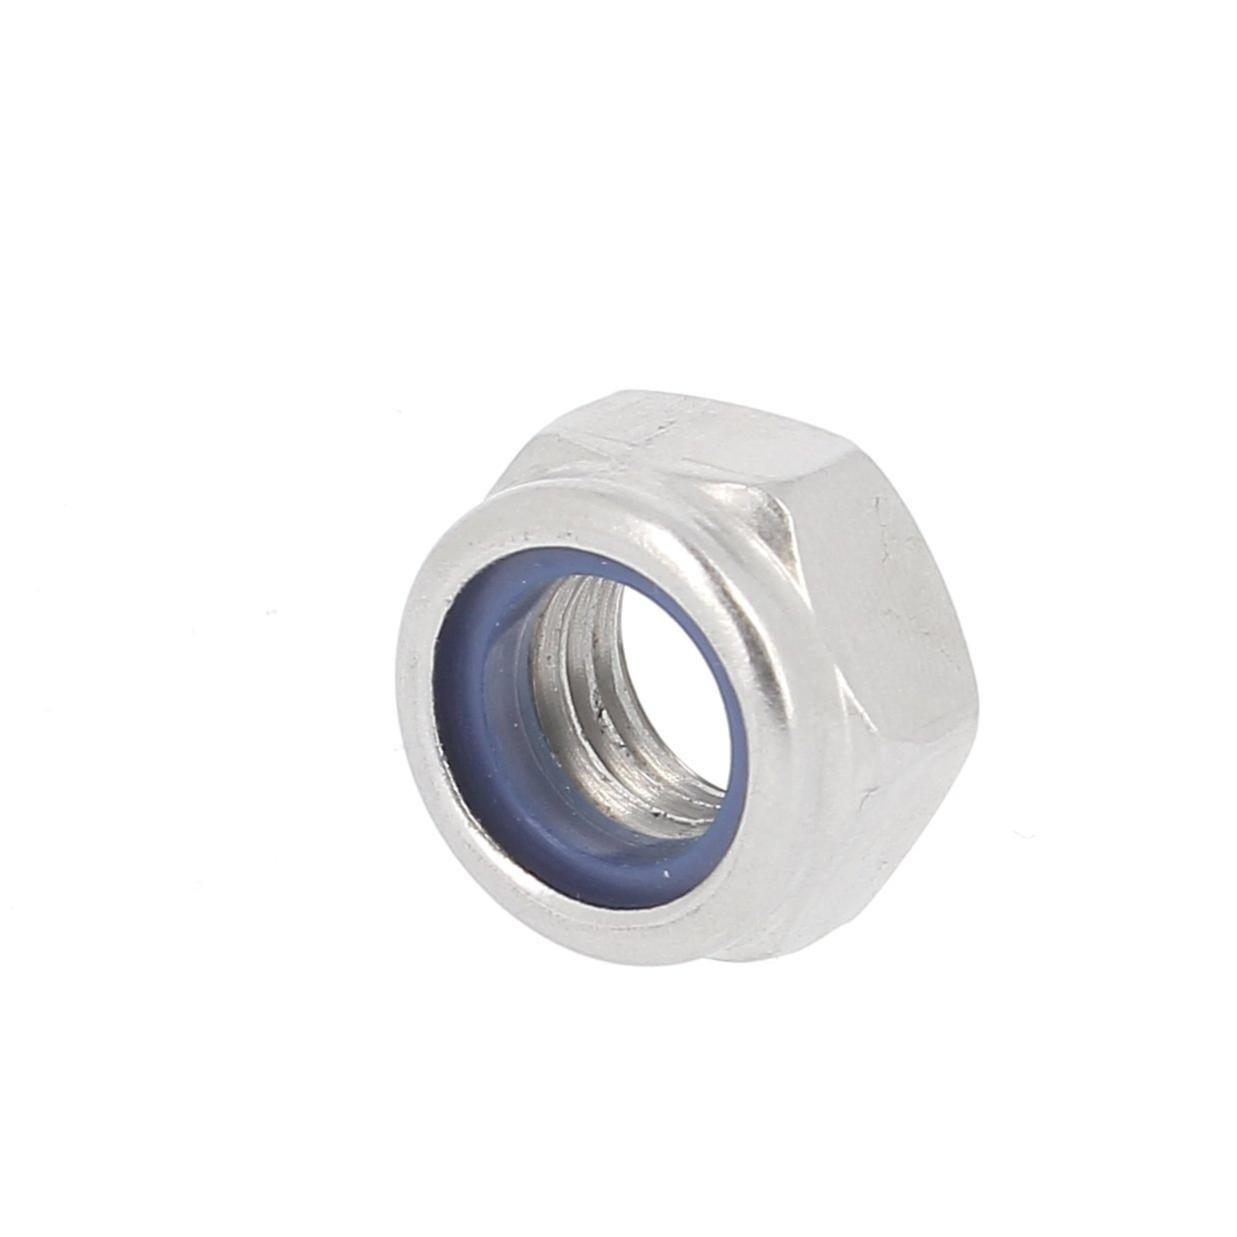 ACAMPTAR 100Pcs M3 Ecrou femelle 3mm Ecrou hexagonal Ecrou argente